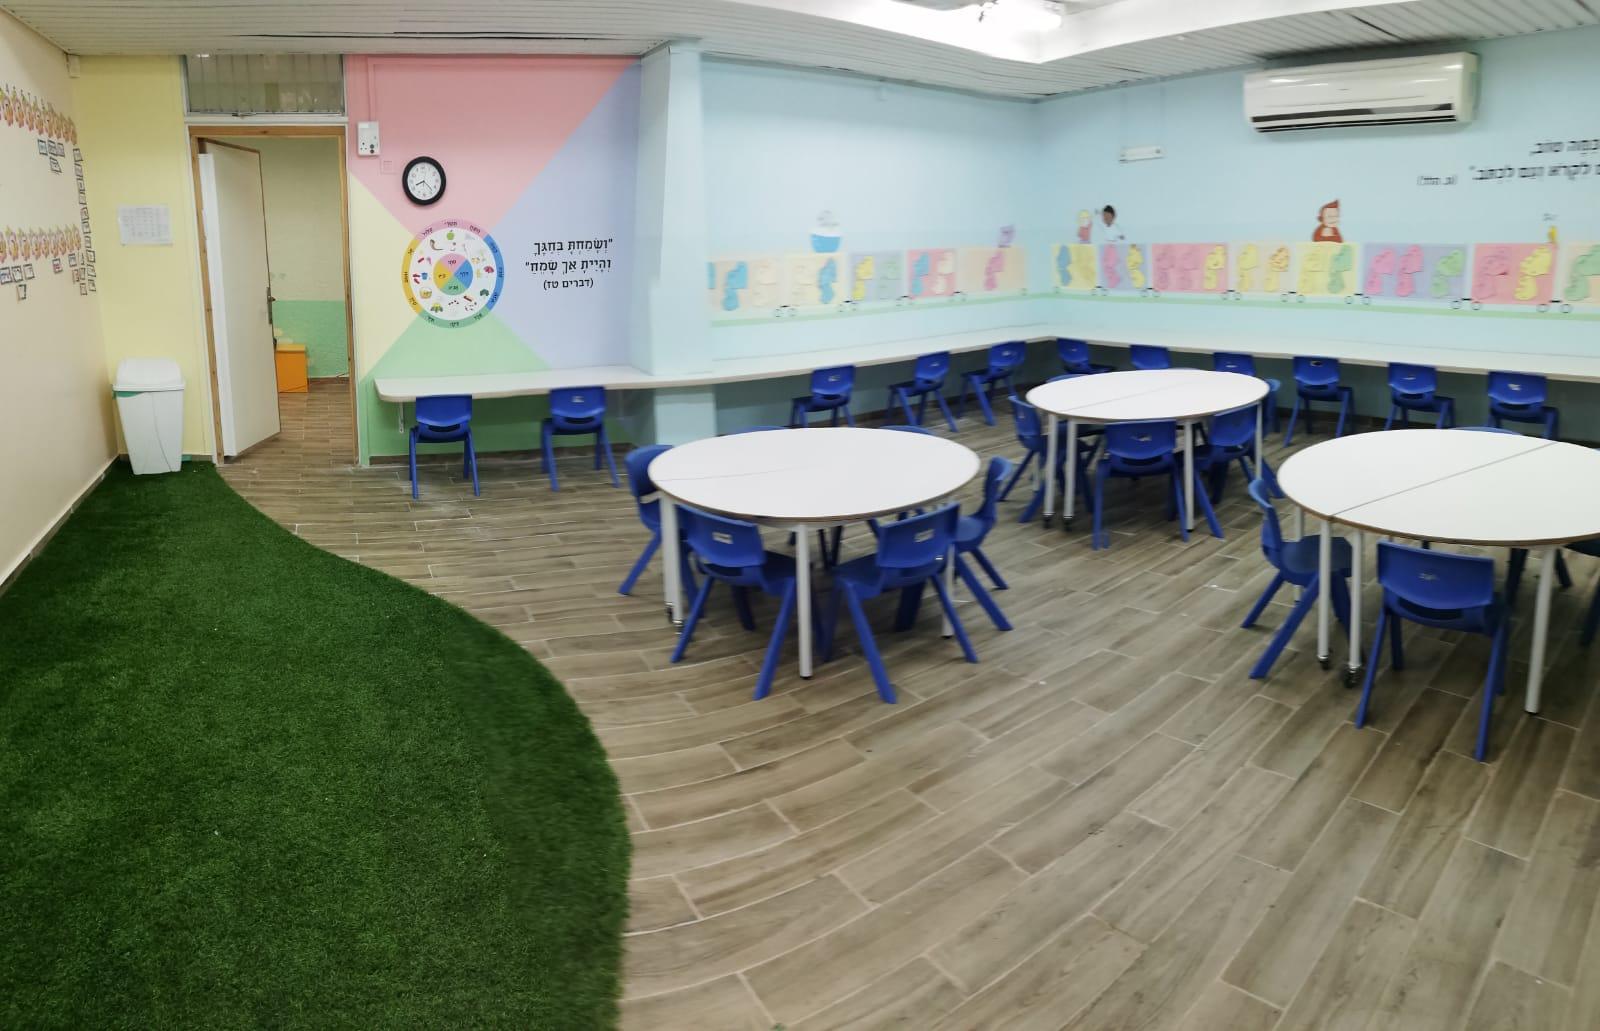 זווית נוספת של העיצוב בכיתות א'- בתוספת קיר עם מעגל חודשי השנה